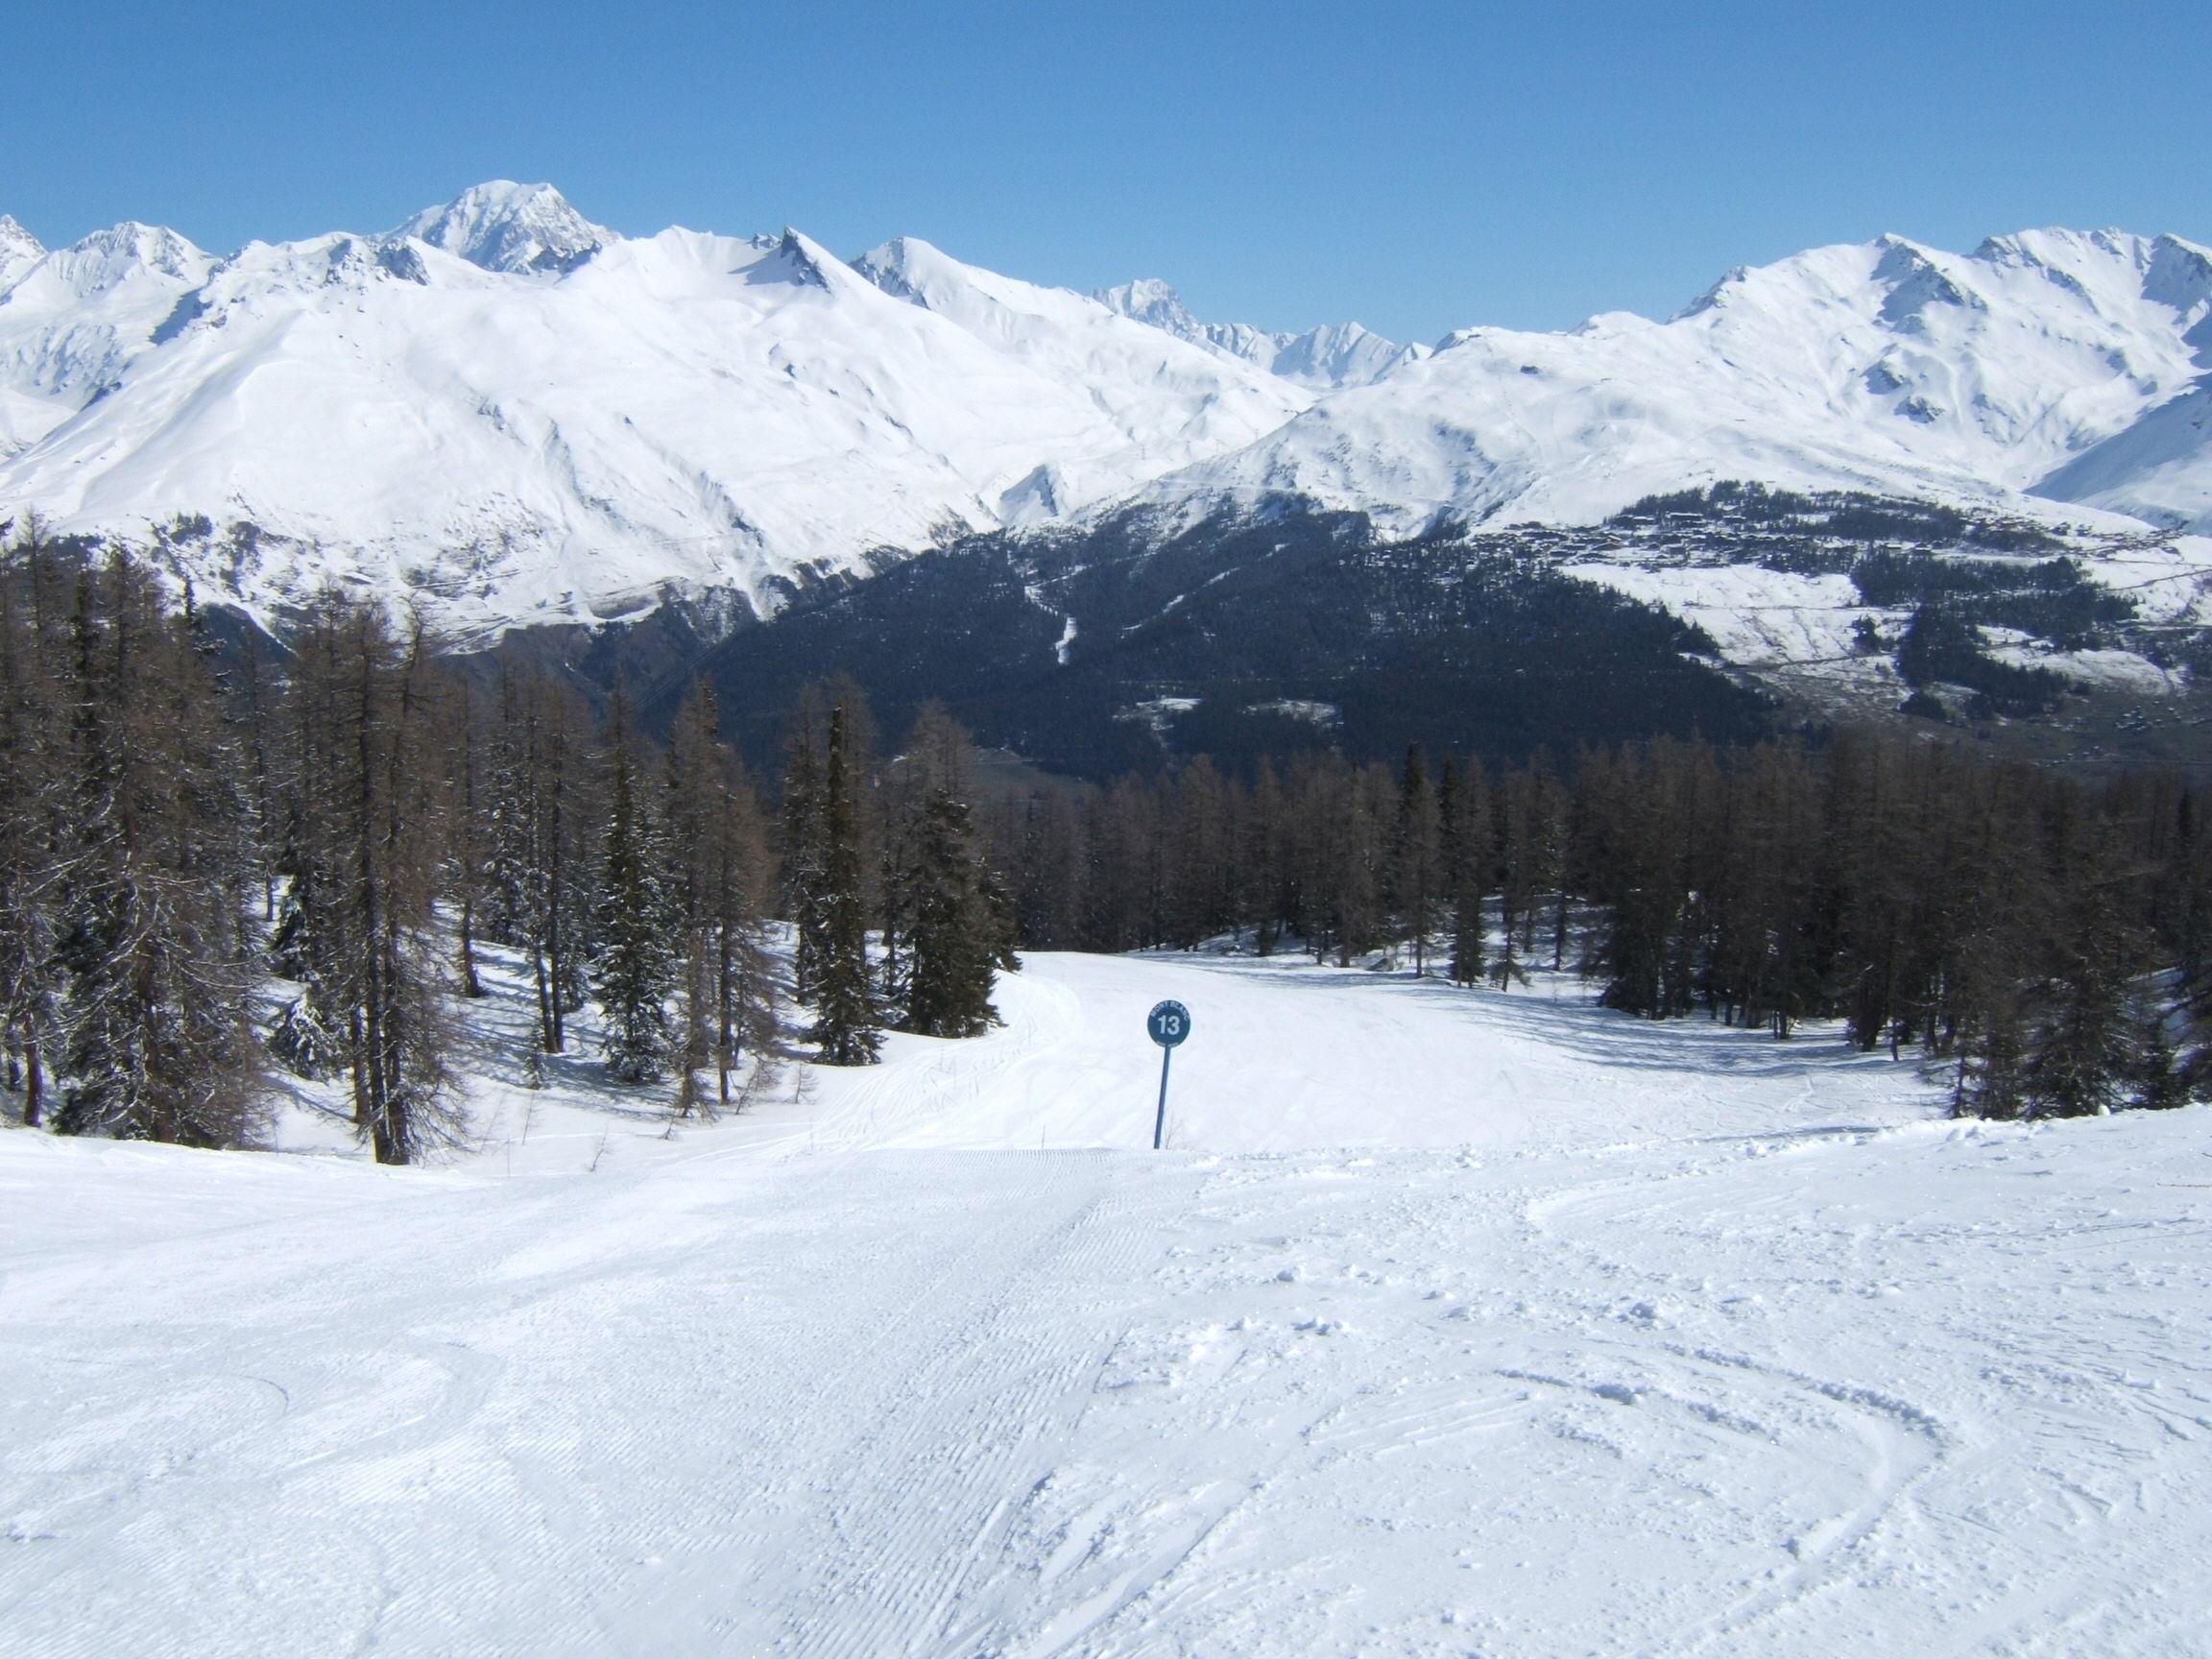 Les Arc 1600 ( Piste accessed via old Mont Blanc chairlift), Les Arcs